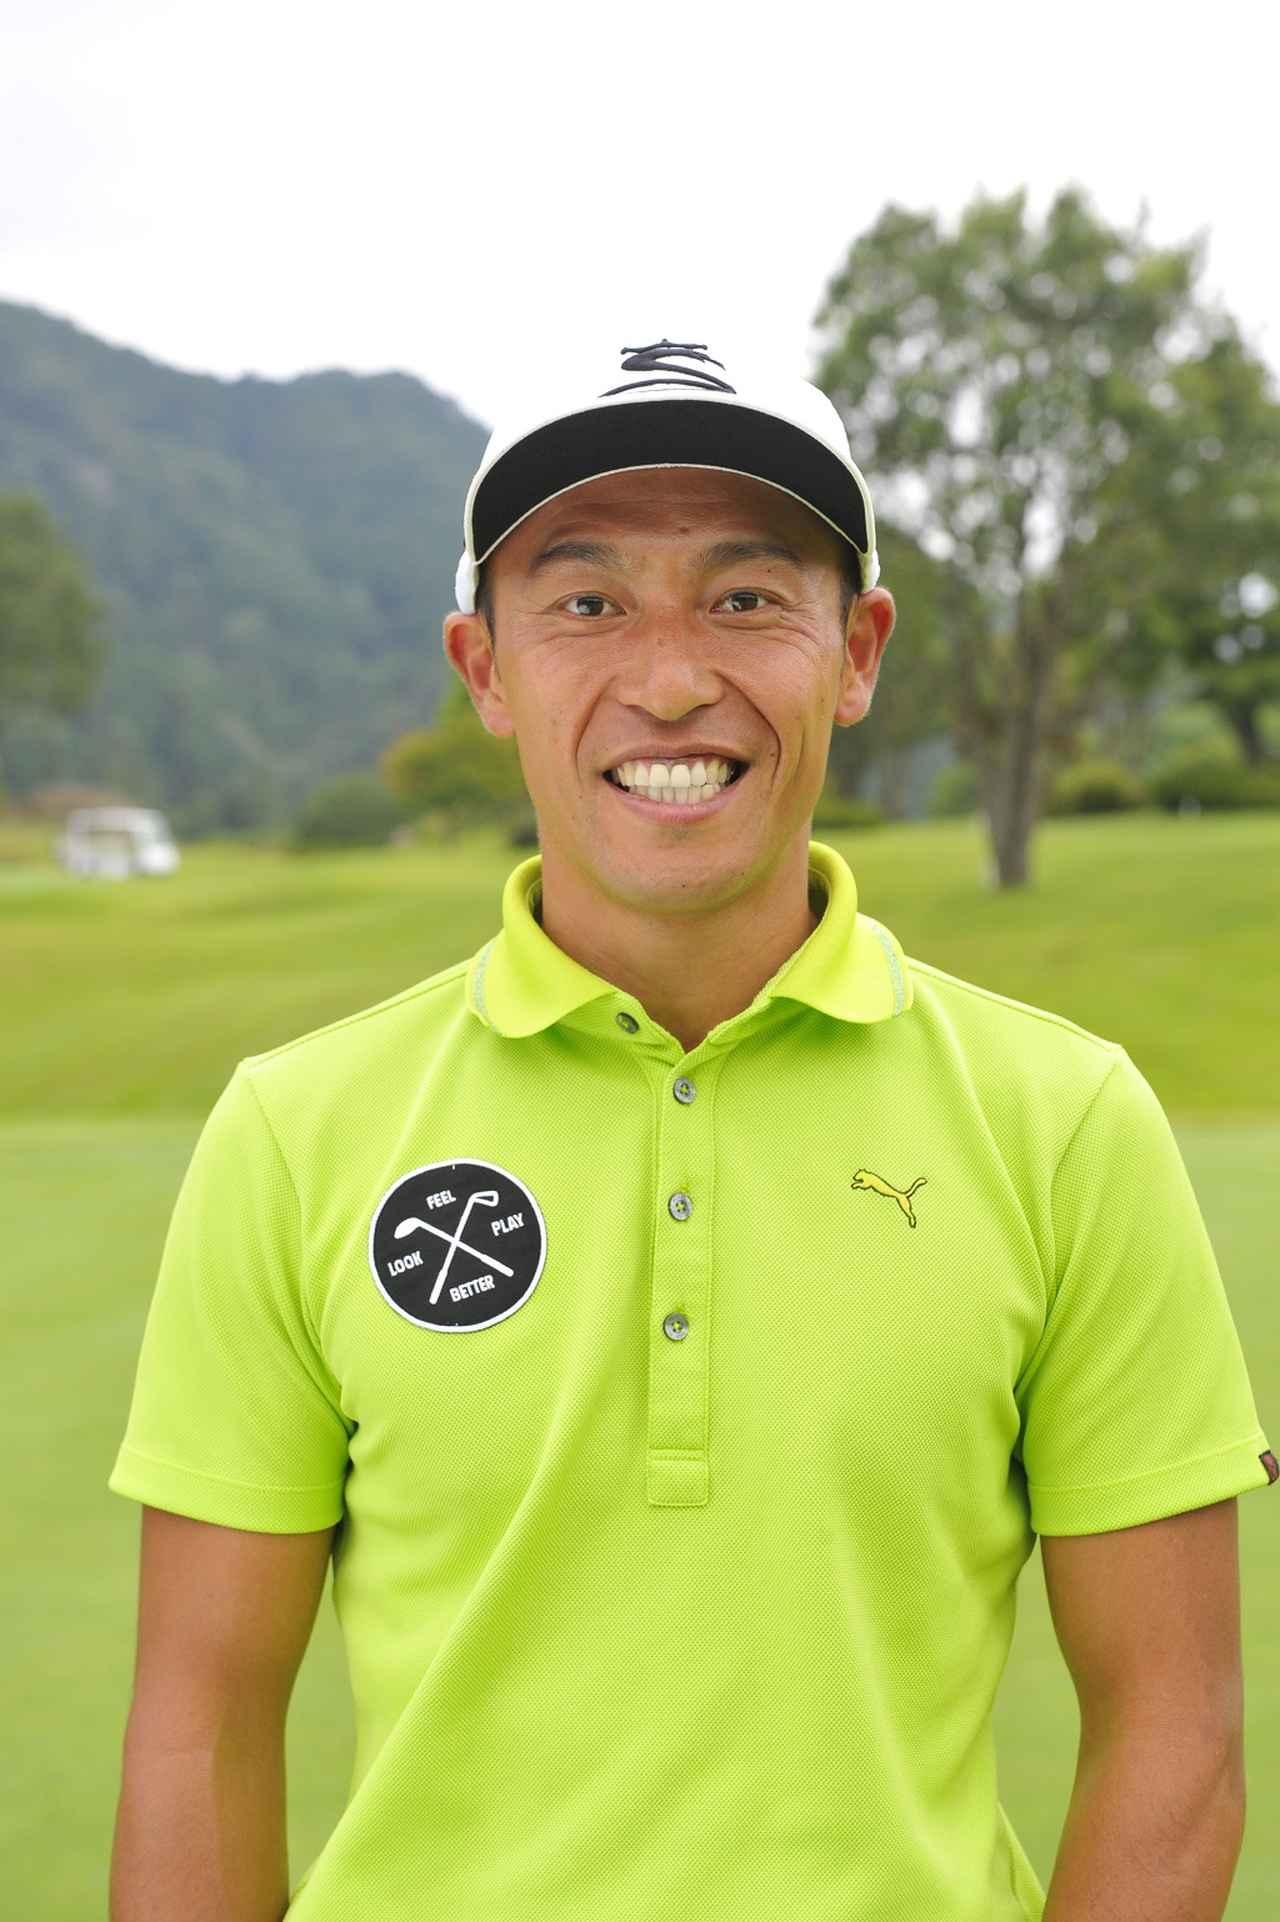 画像: 赤石隆(あかいし・たかし)1979年1月22日生まれ。東北福祉大学のゴルフ部では、谷原秀人と同期。副キャプテンを務めた